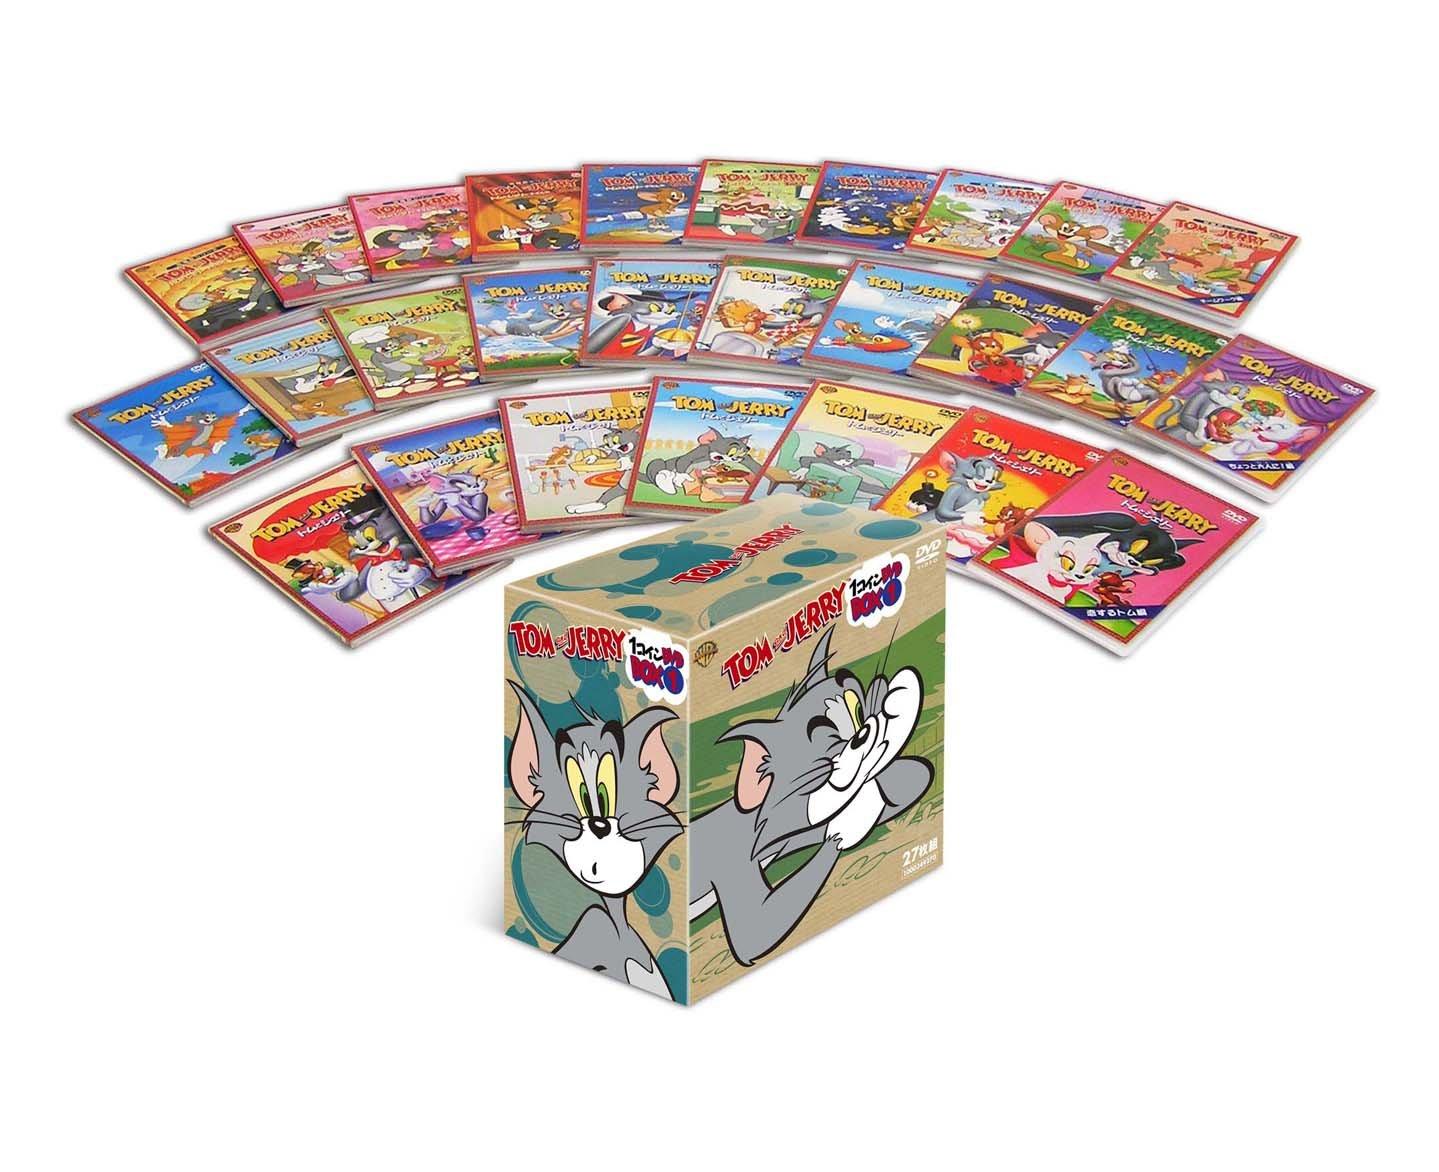 【初回限定生産】トムとジェリー 1コイン DVD BOX I (27枚組) B008X09UV4